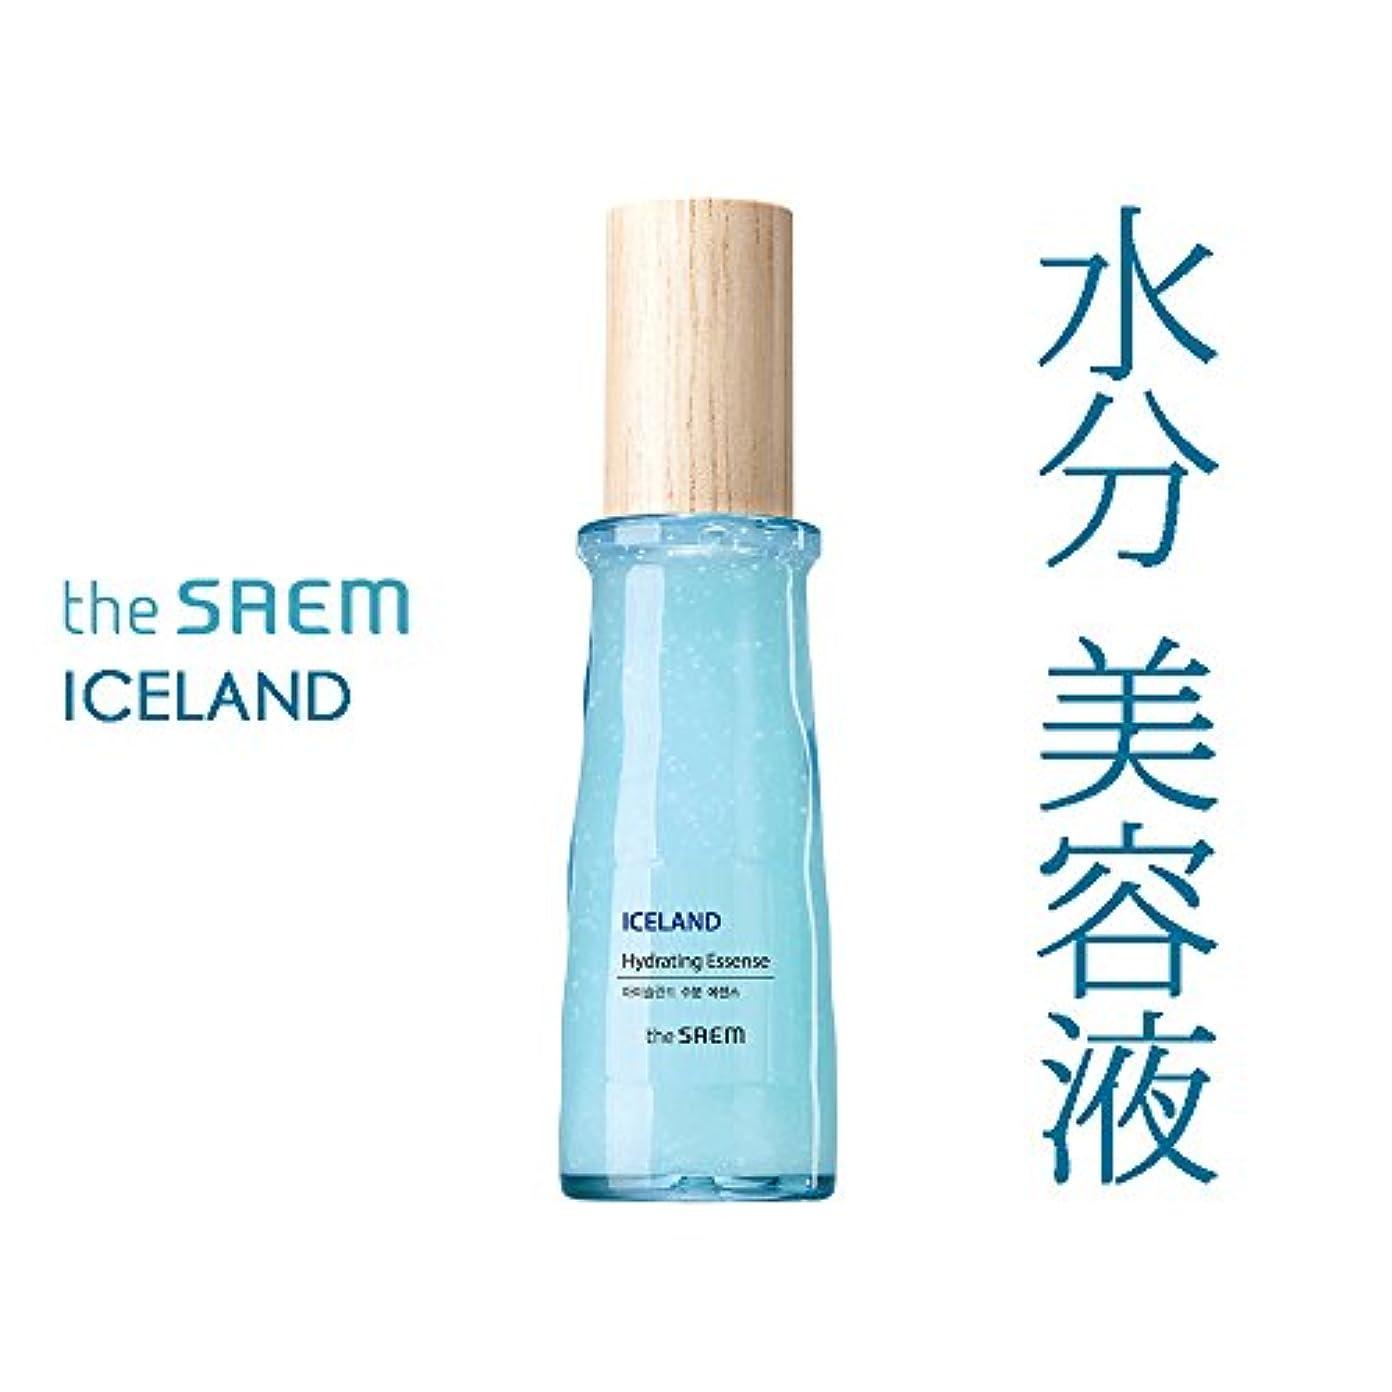 ラダファームメディアザ セム The saem アイスランド 水分 美容液 エッセンス The Saem Iceland Hydrating Essence 60ml